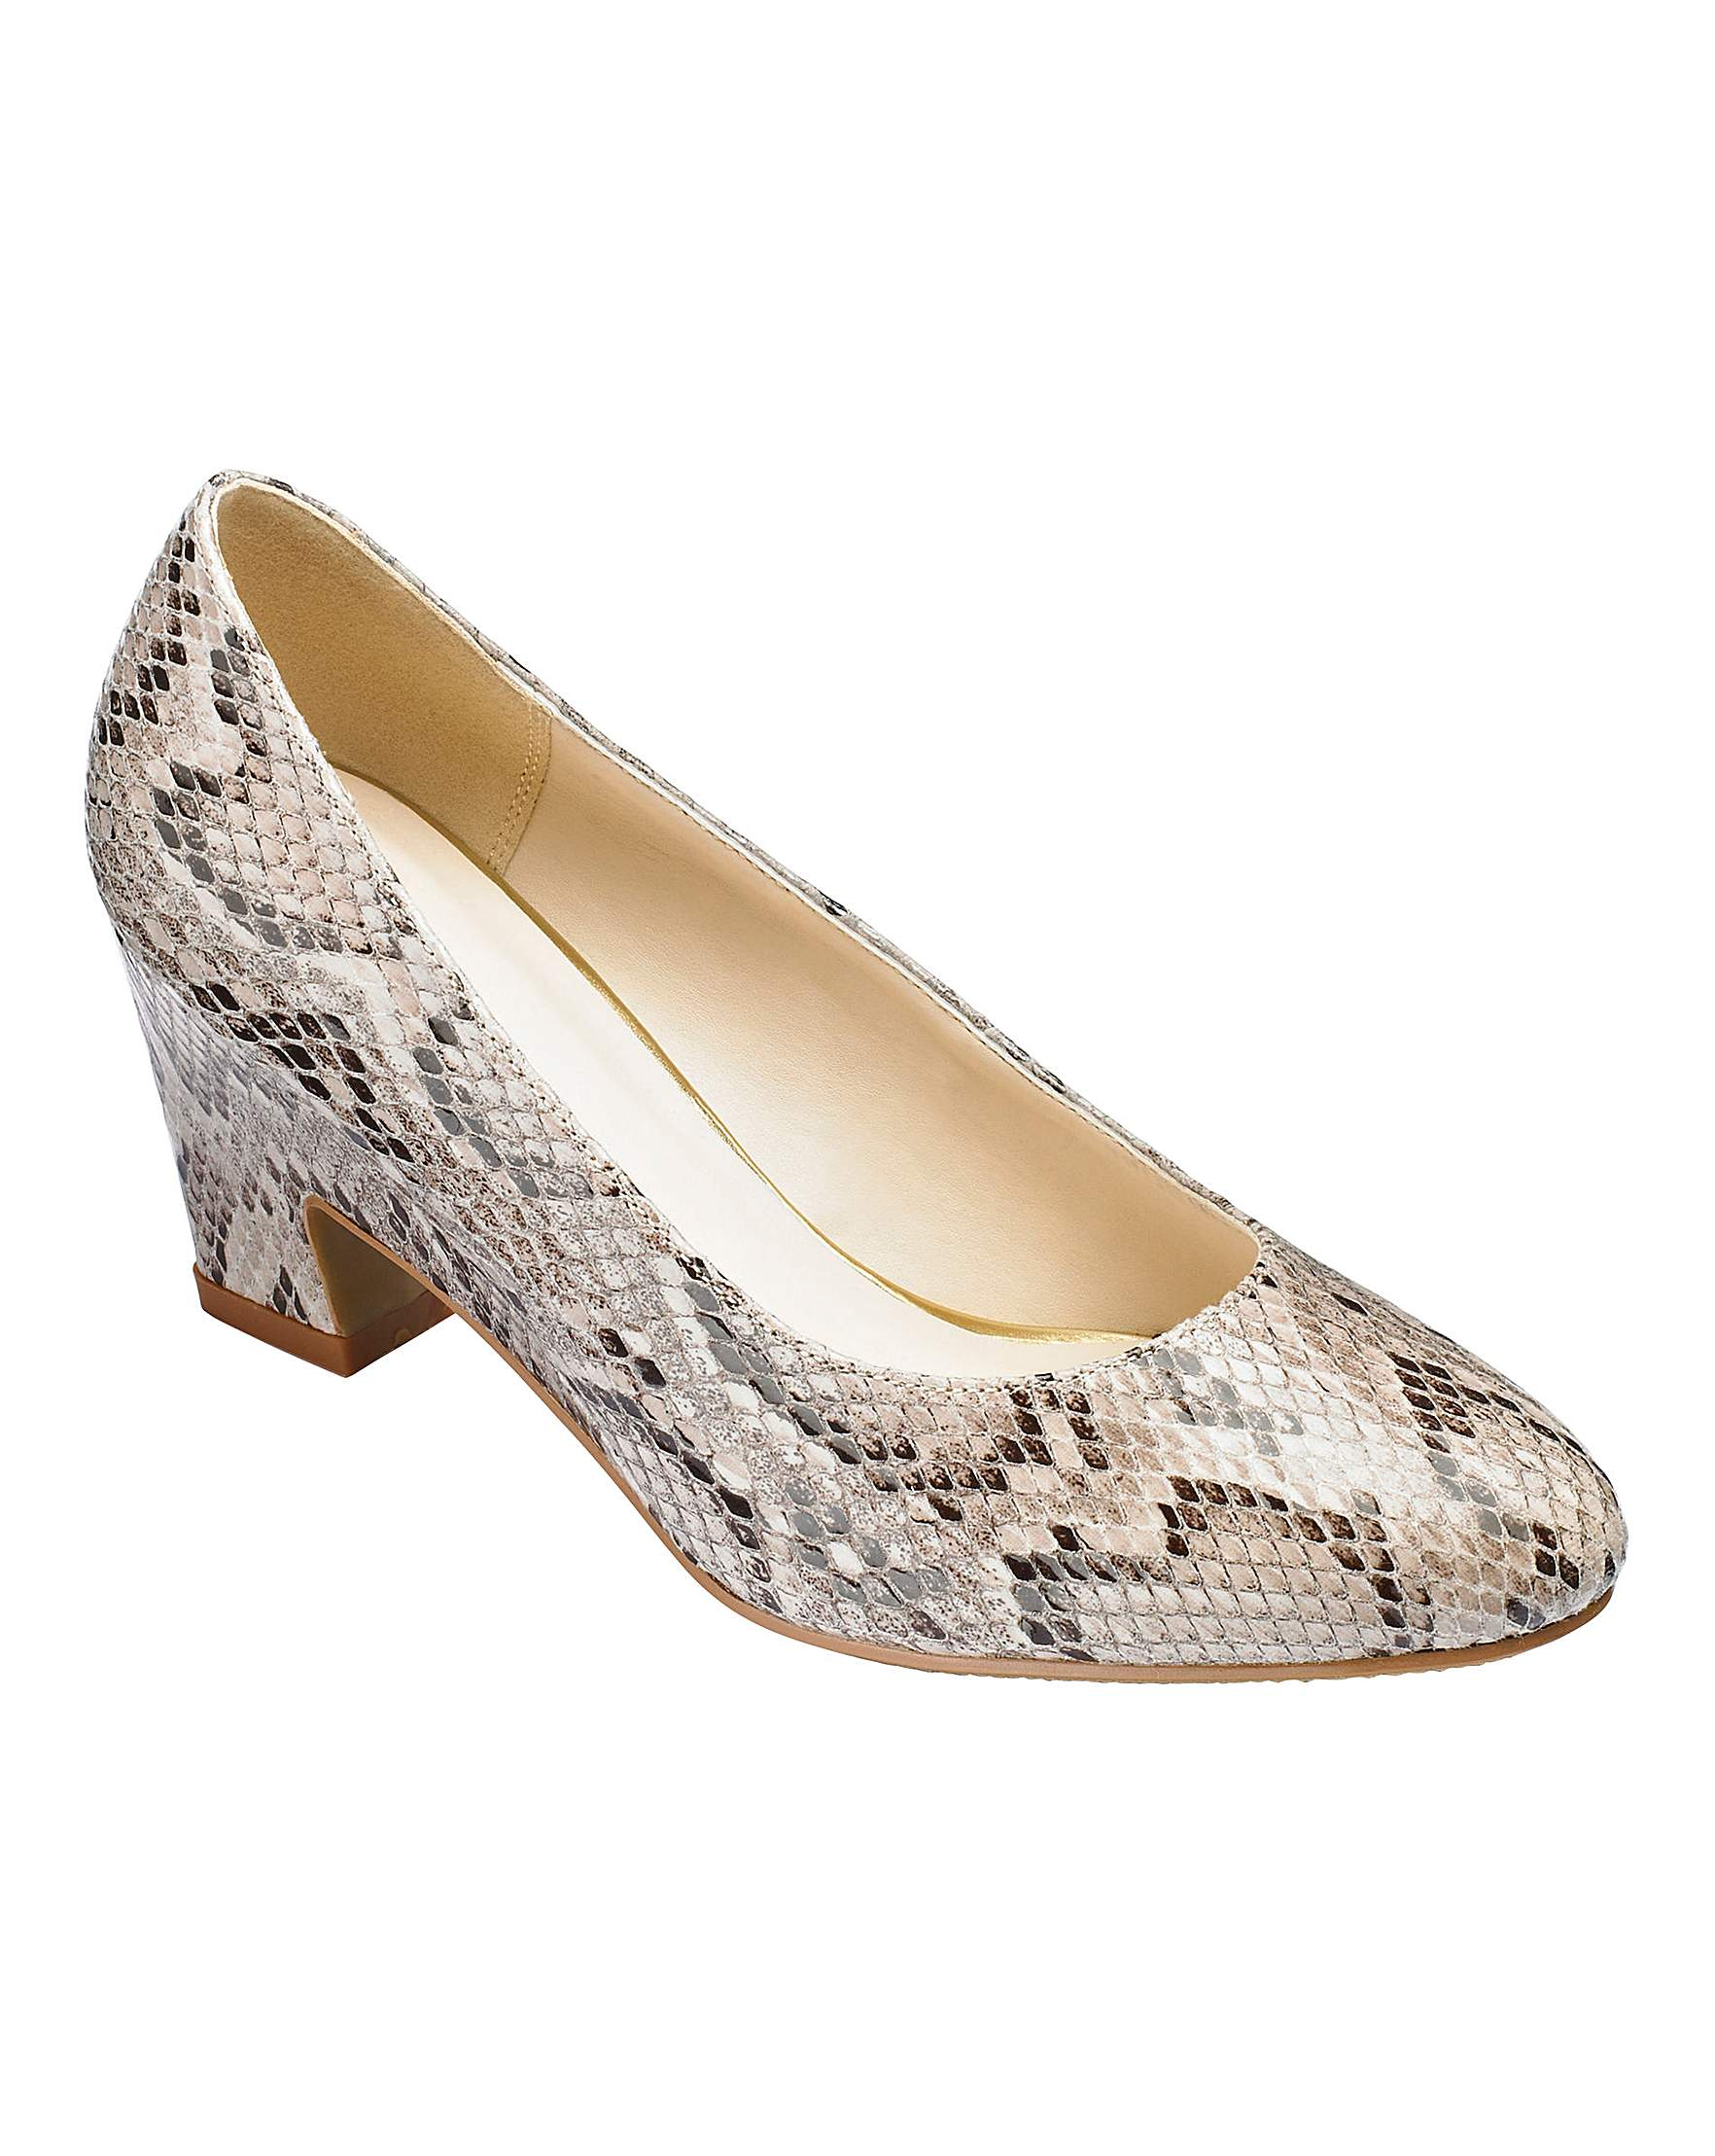 500a57a80a6 Heavenly Soles Court Shoes E Fit